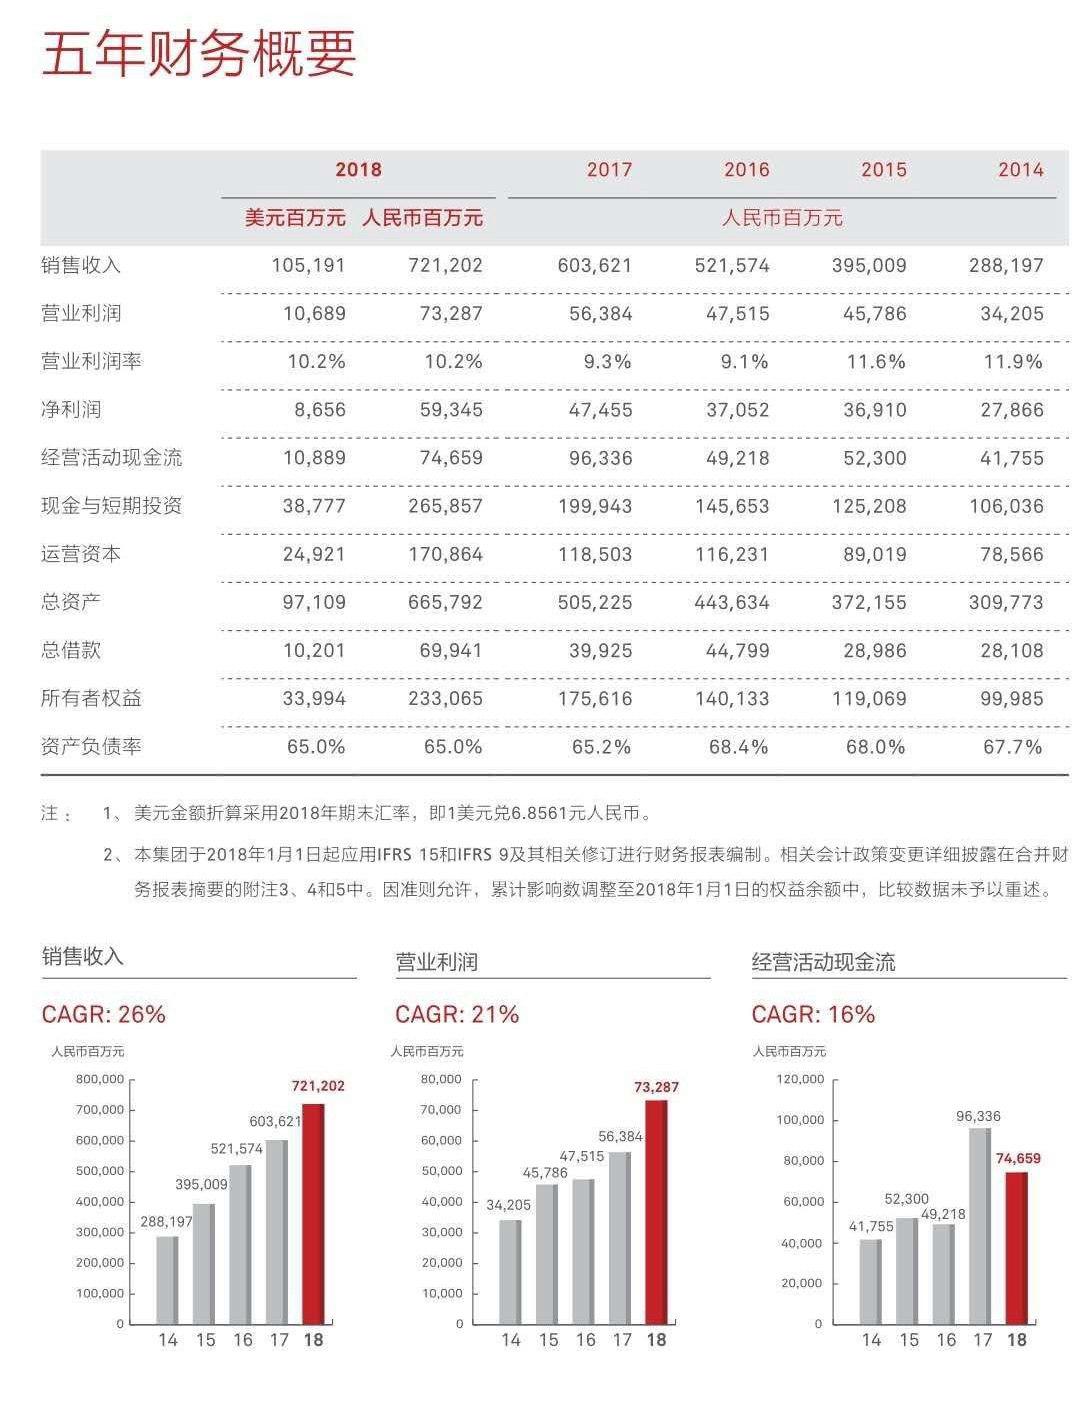 迎难而上,追求领先!华为2018年收入增长19.5%至7212亿元 研发投入超千亿